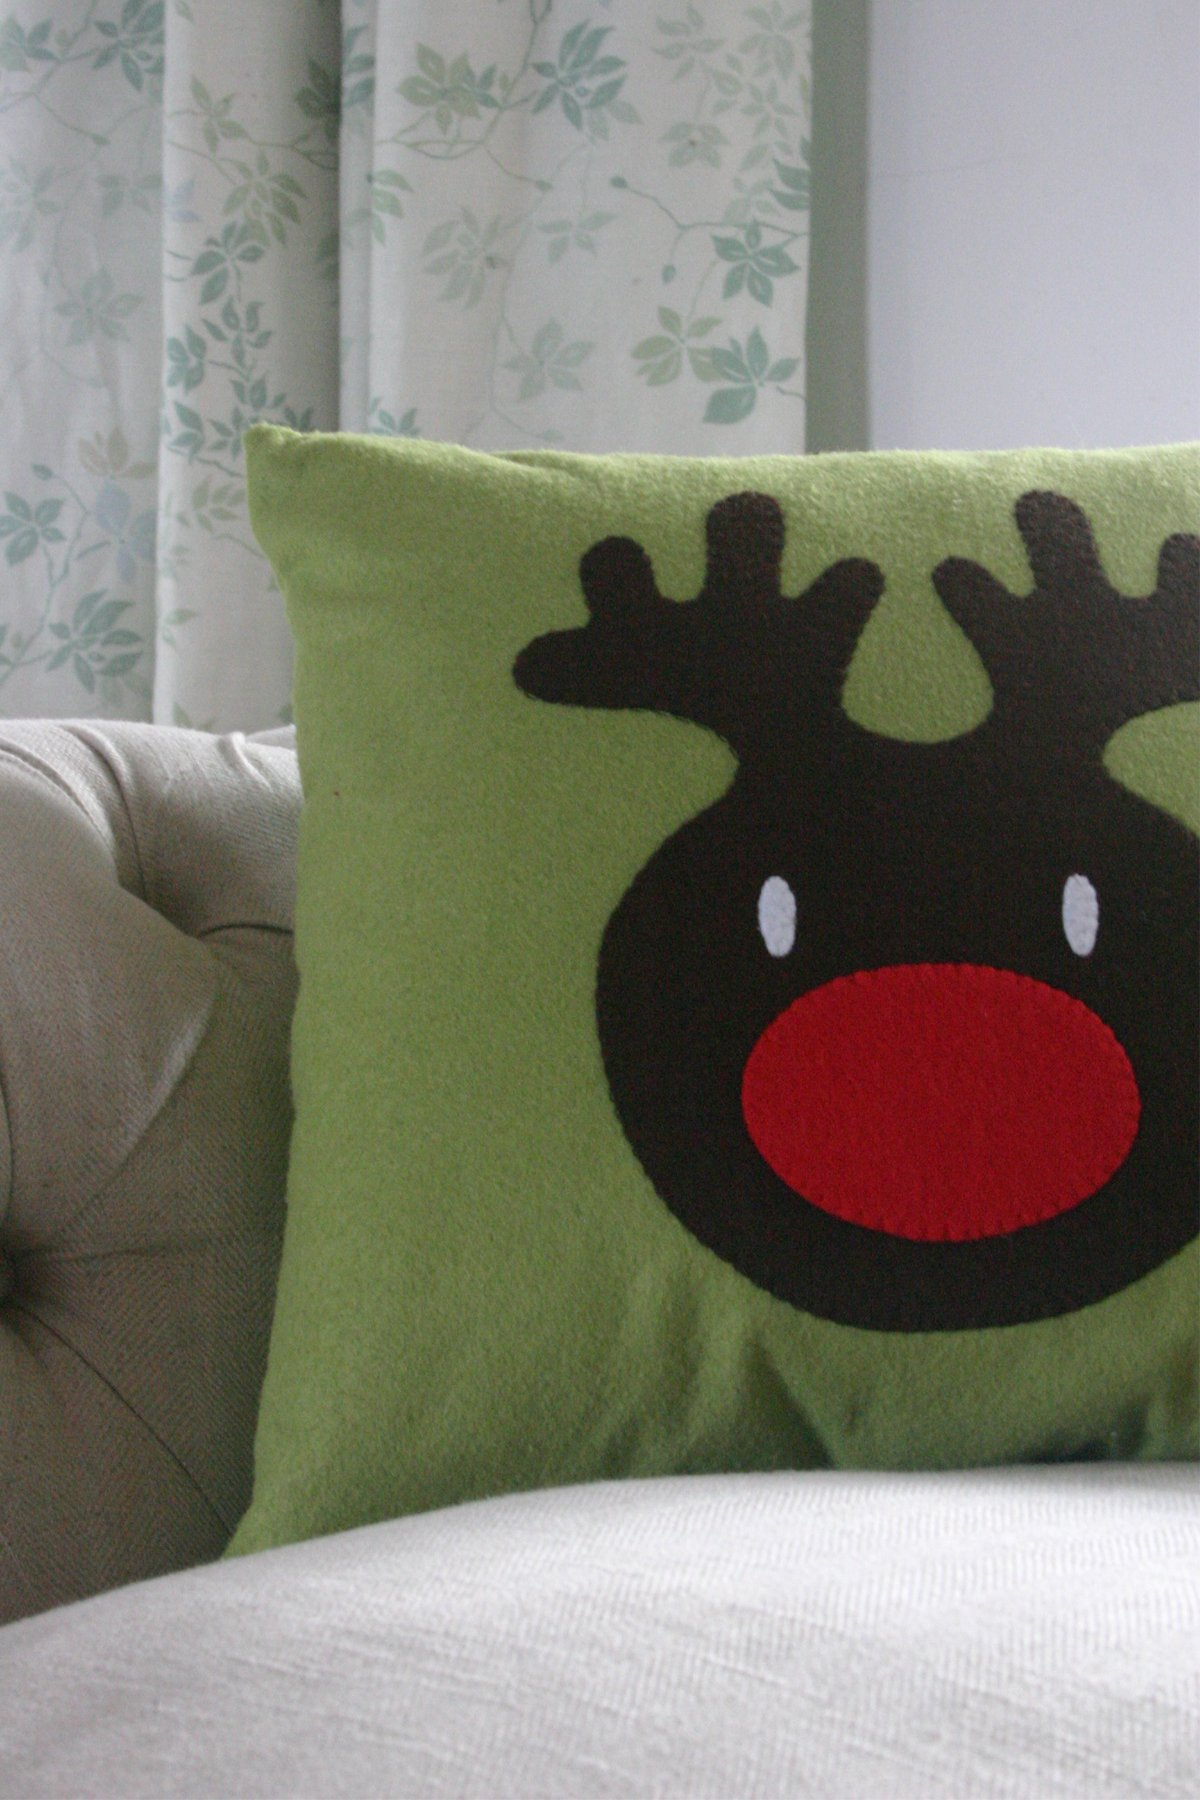 Reindeer Cushion on a sofa